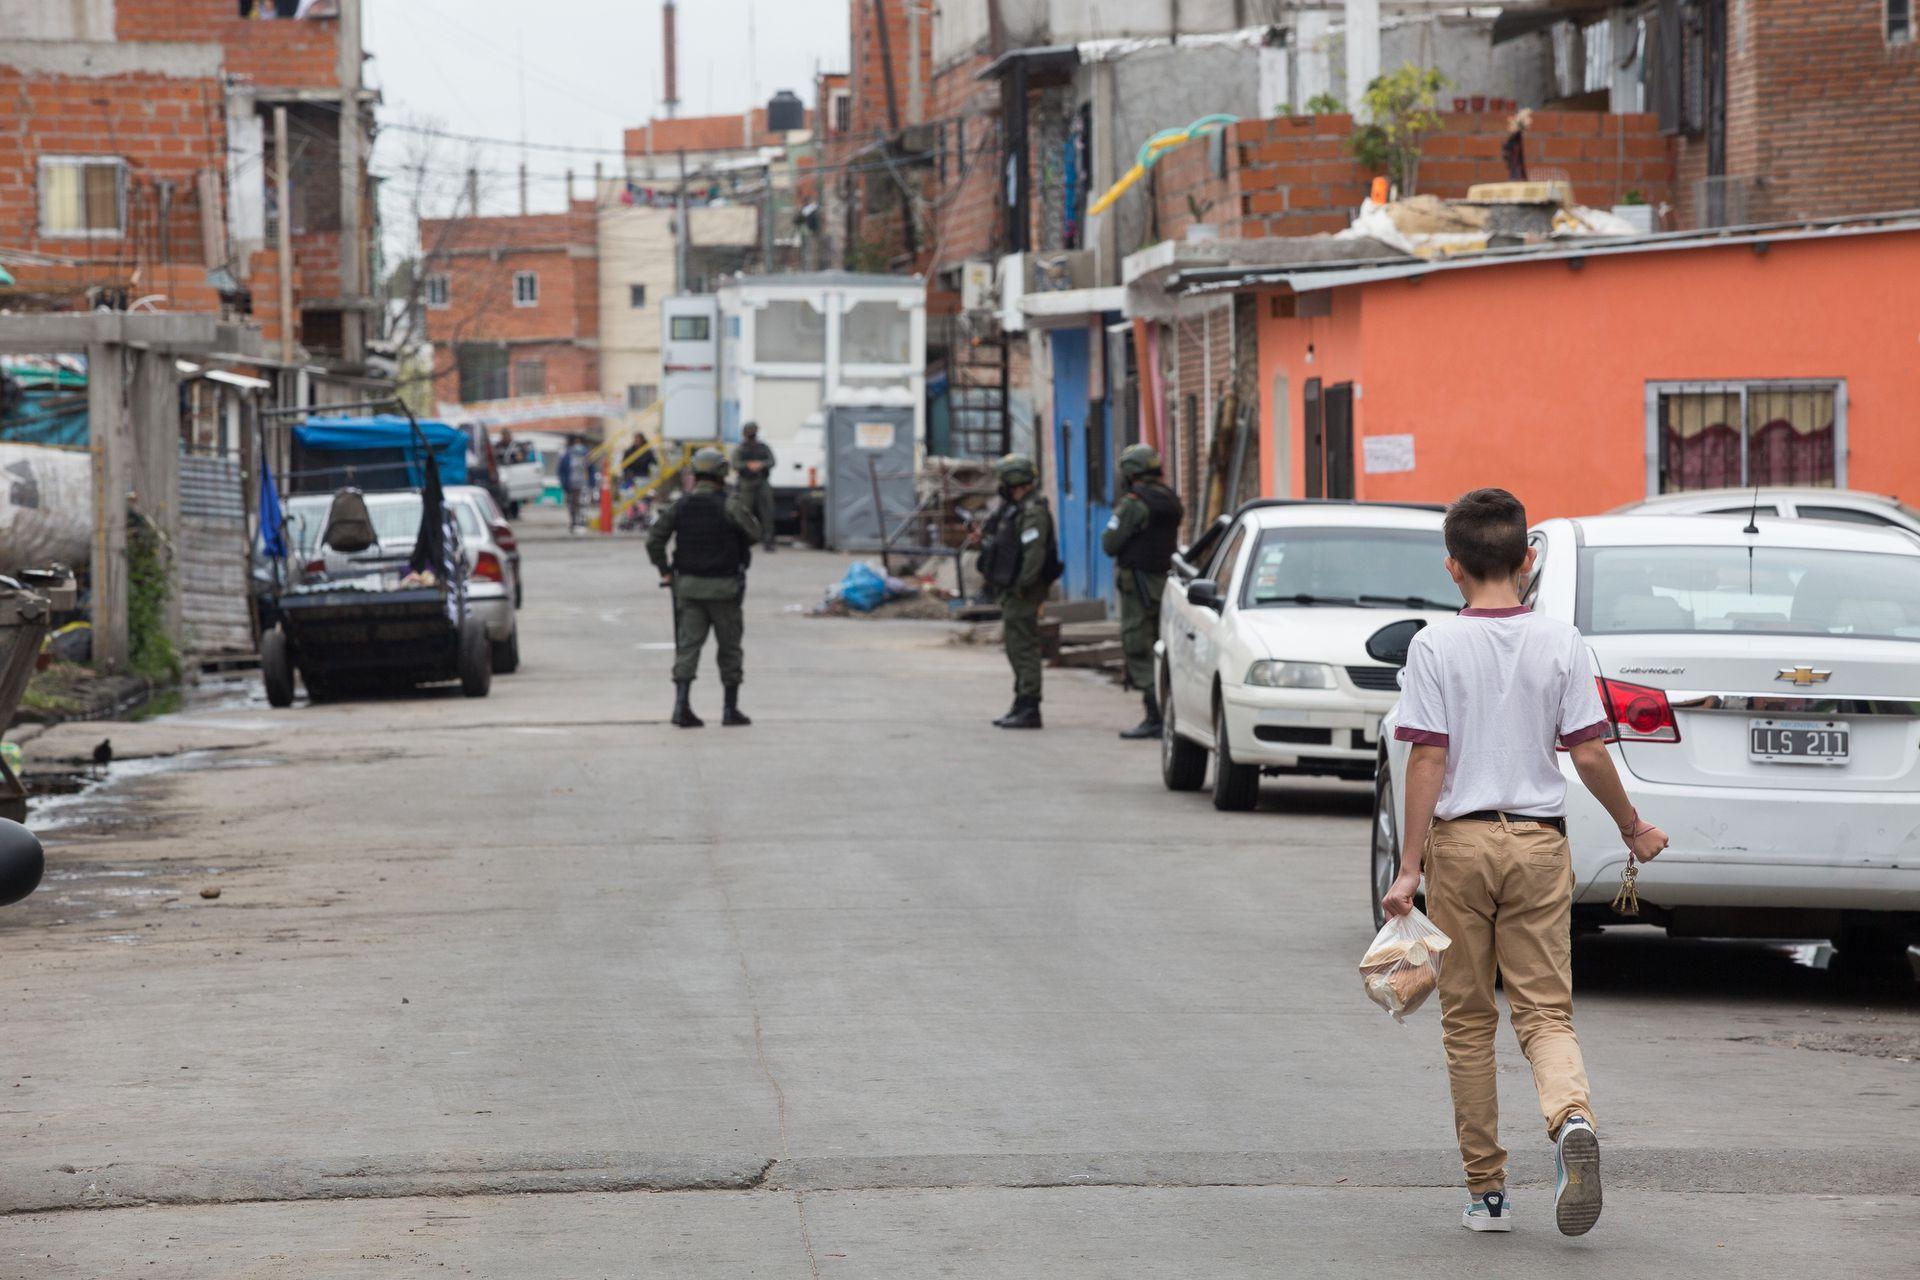 La presencia de Gendarmería, una postal recurrente en las calles del Barrio 1-11-14